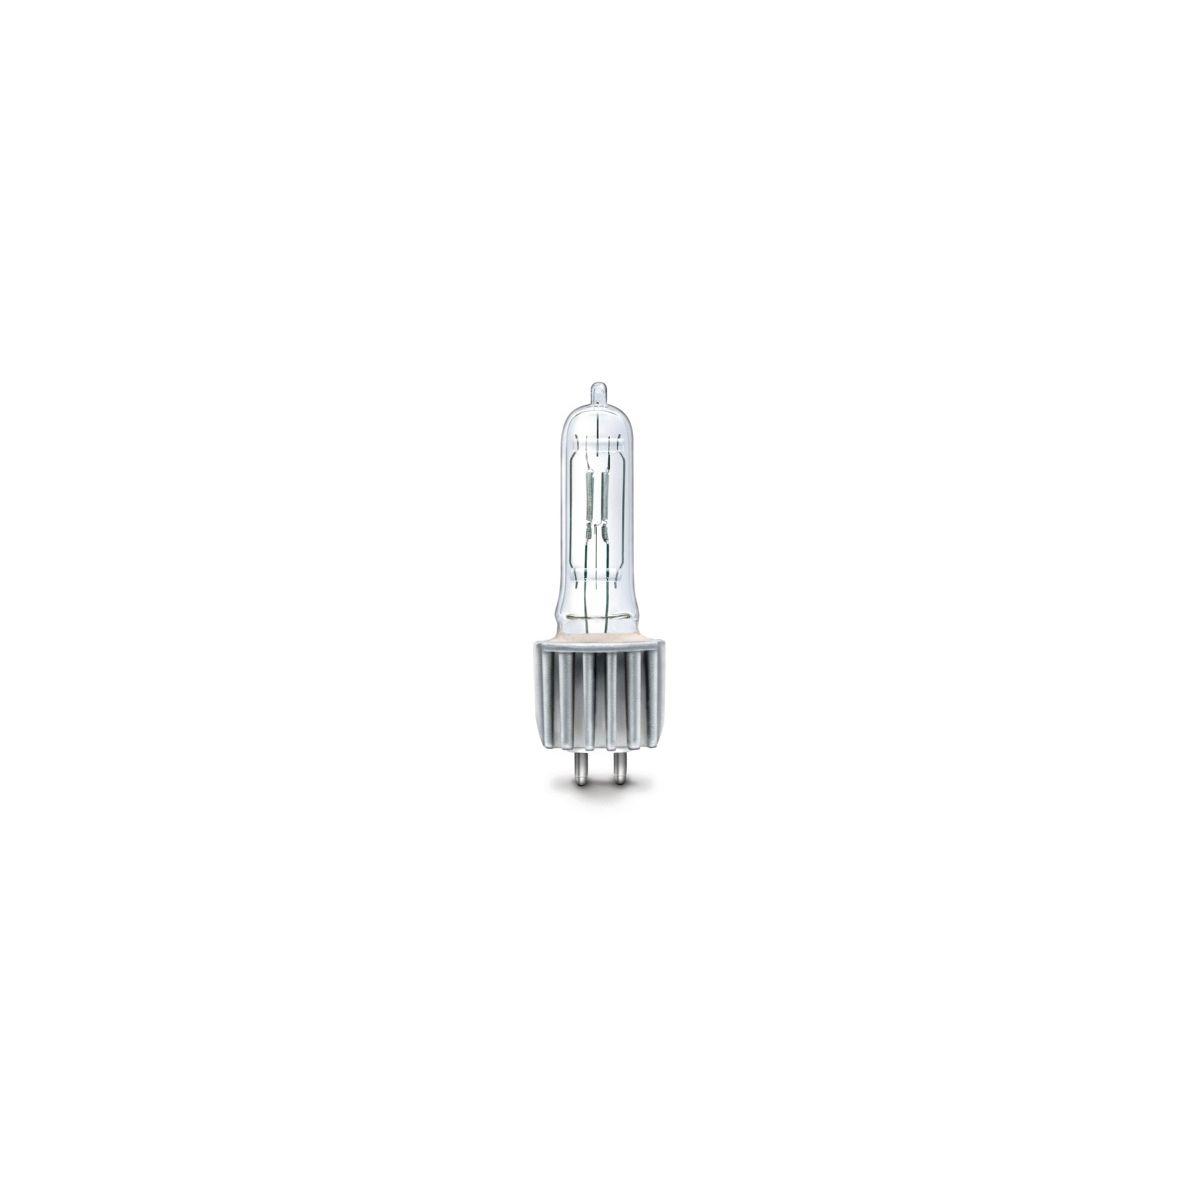 Ampoules à décharge - Osram / GE / Philips - HPL575 LD